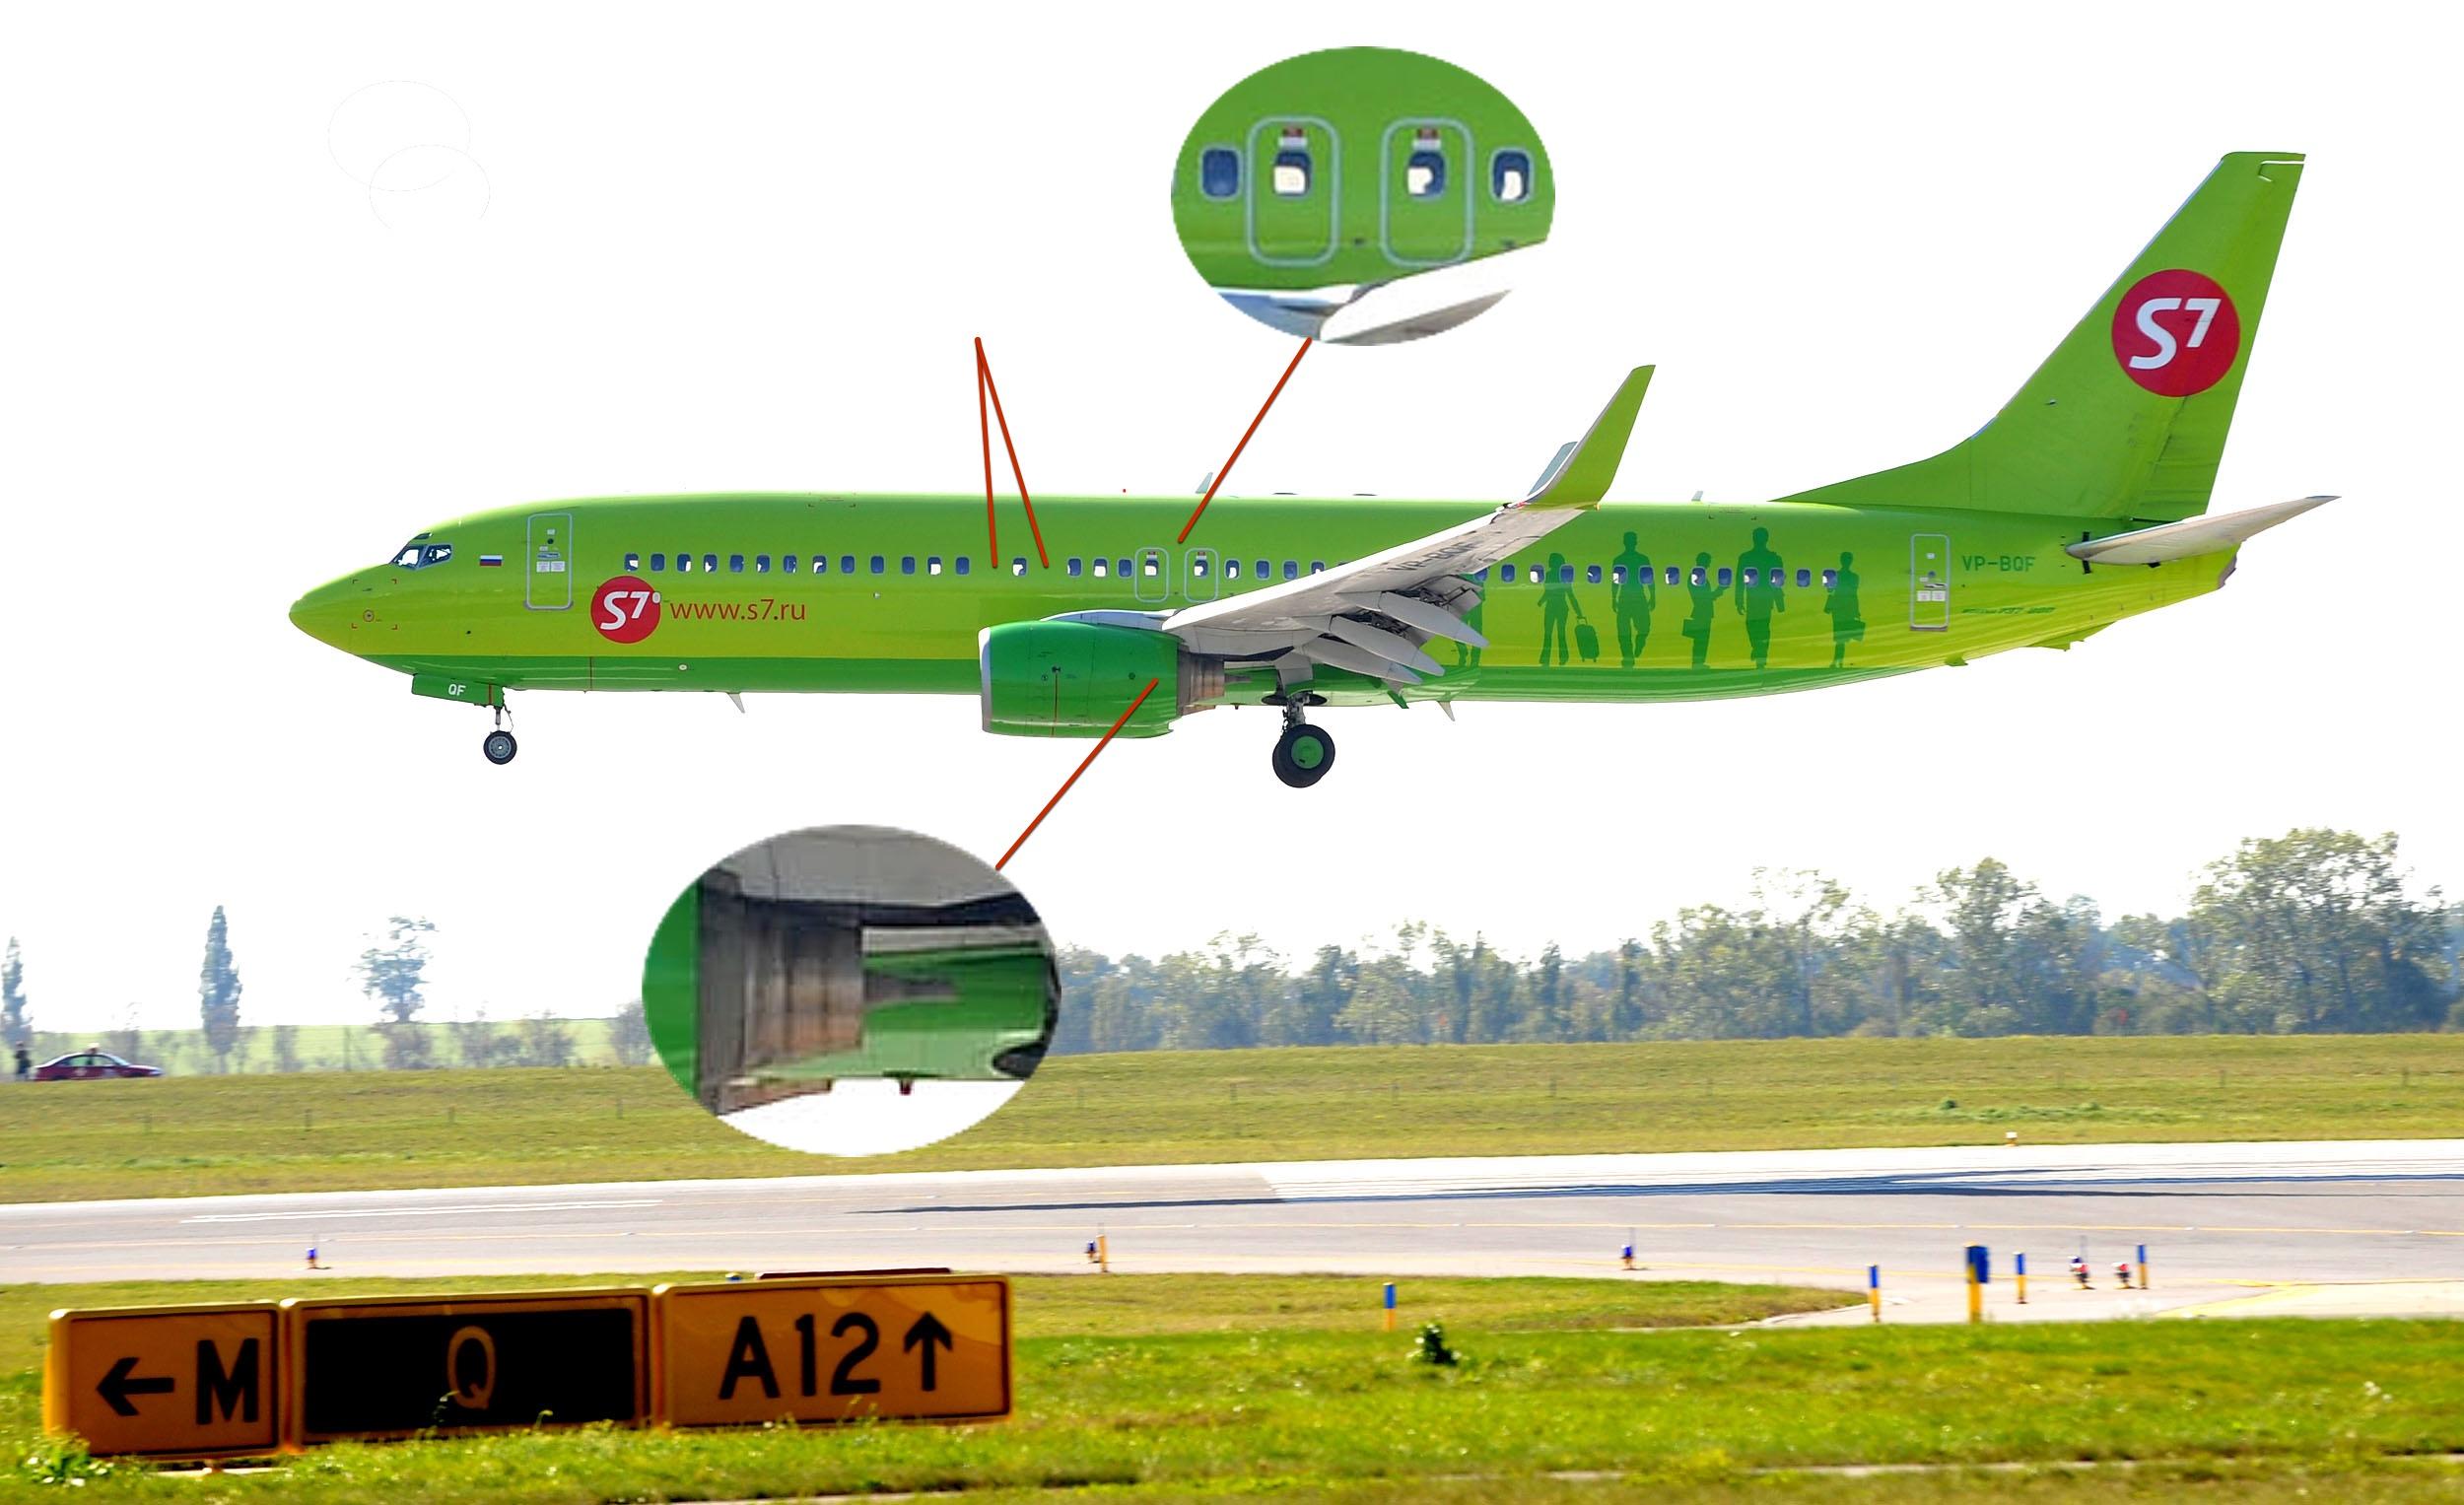 У 737-800 два аварийных выхода на крыло с каждой стороны, два пропущенных окна и двигатель такой же, как у всех NG.